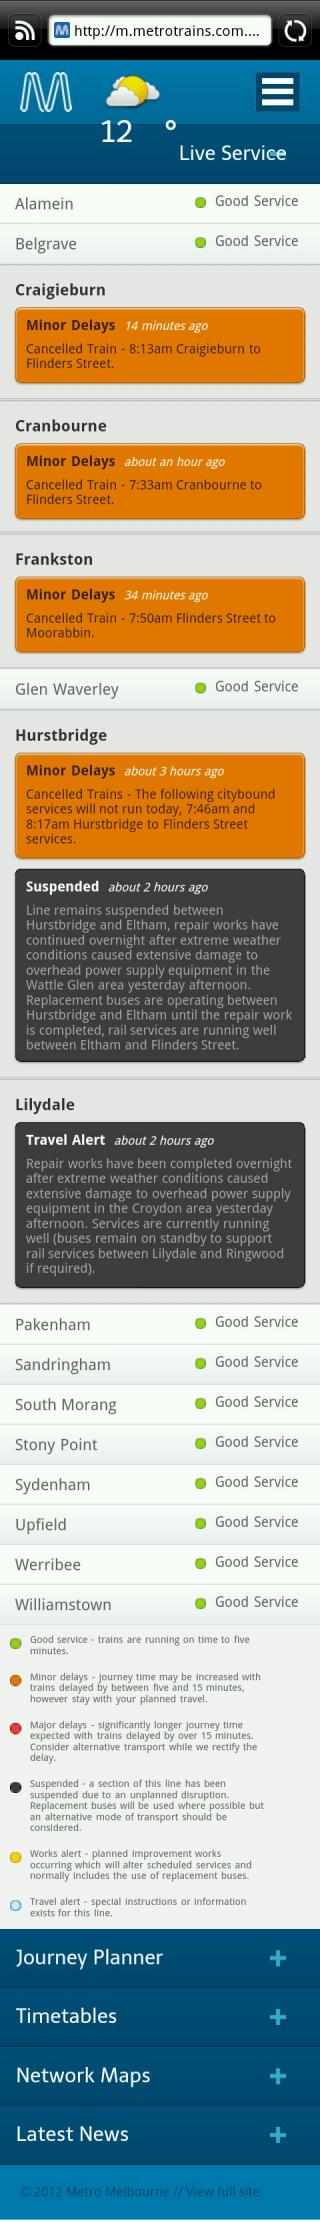 Metro train status: 6/9/2012 8:15am